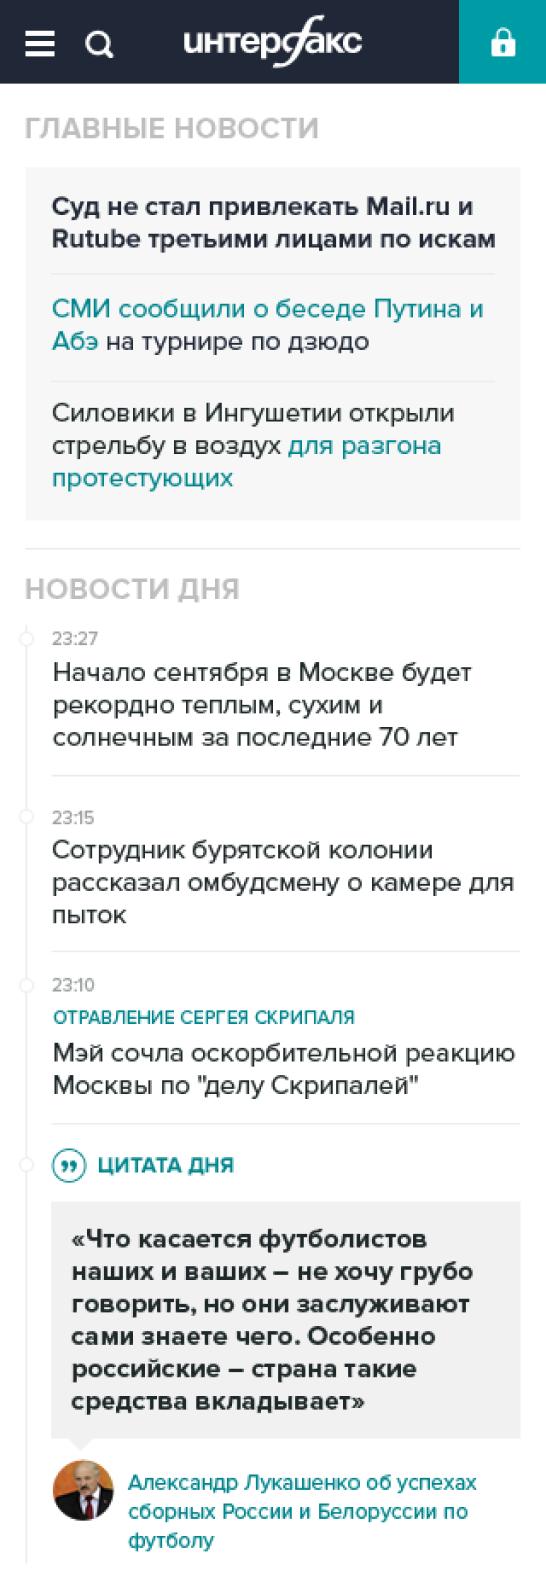 Интерфакс - Новости дня